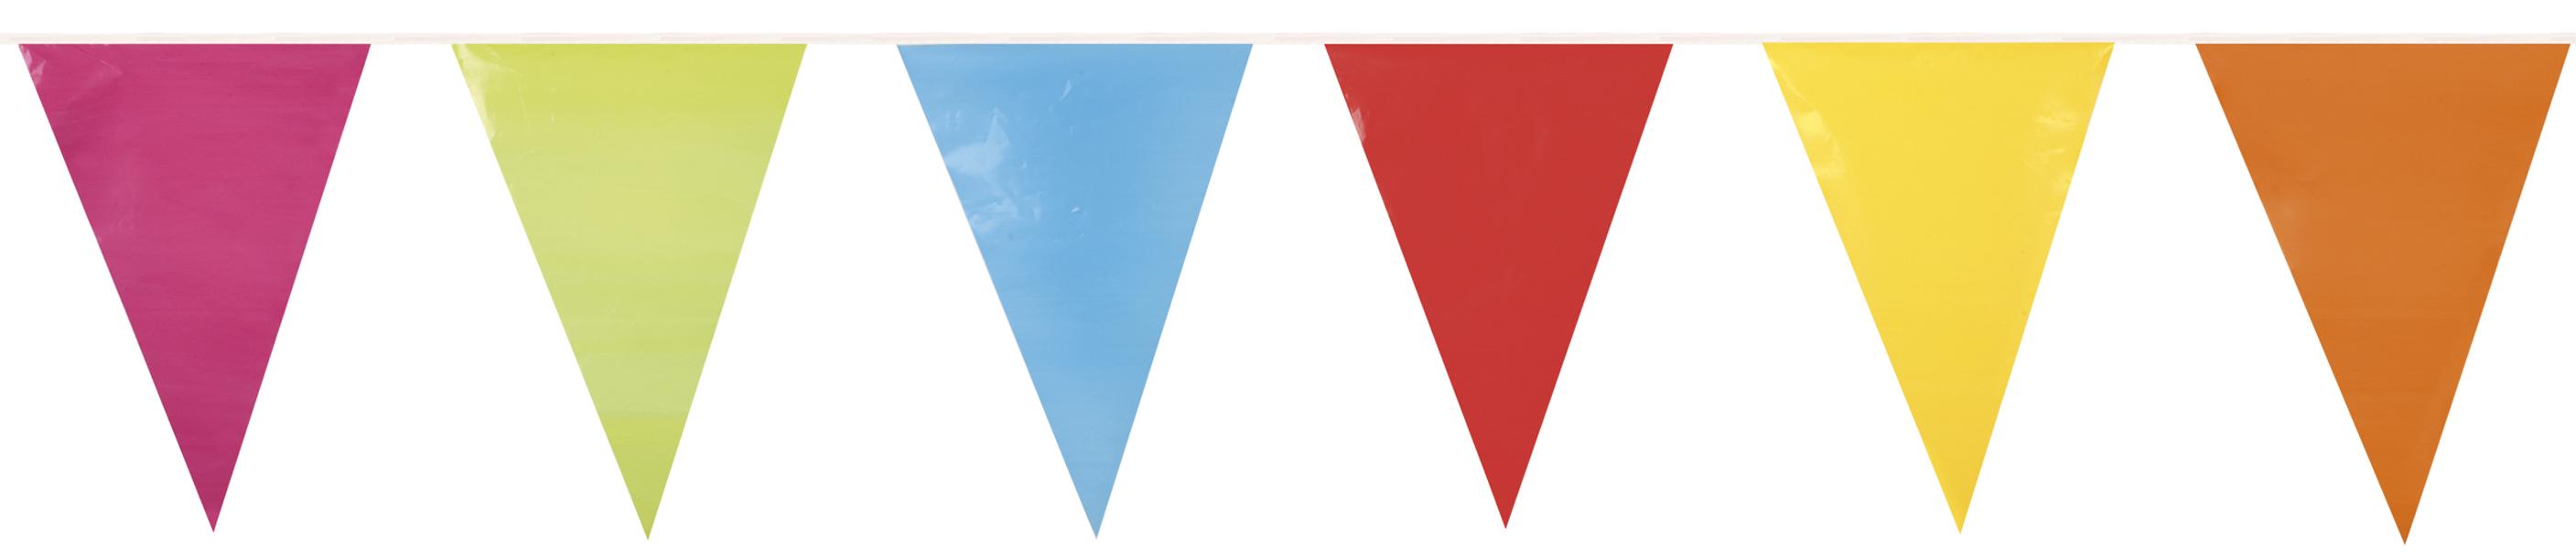 PE reuzenvlaggenlijn veelkleurig8712026747778